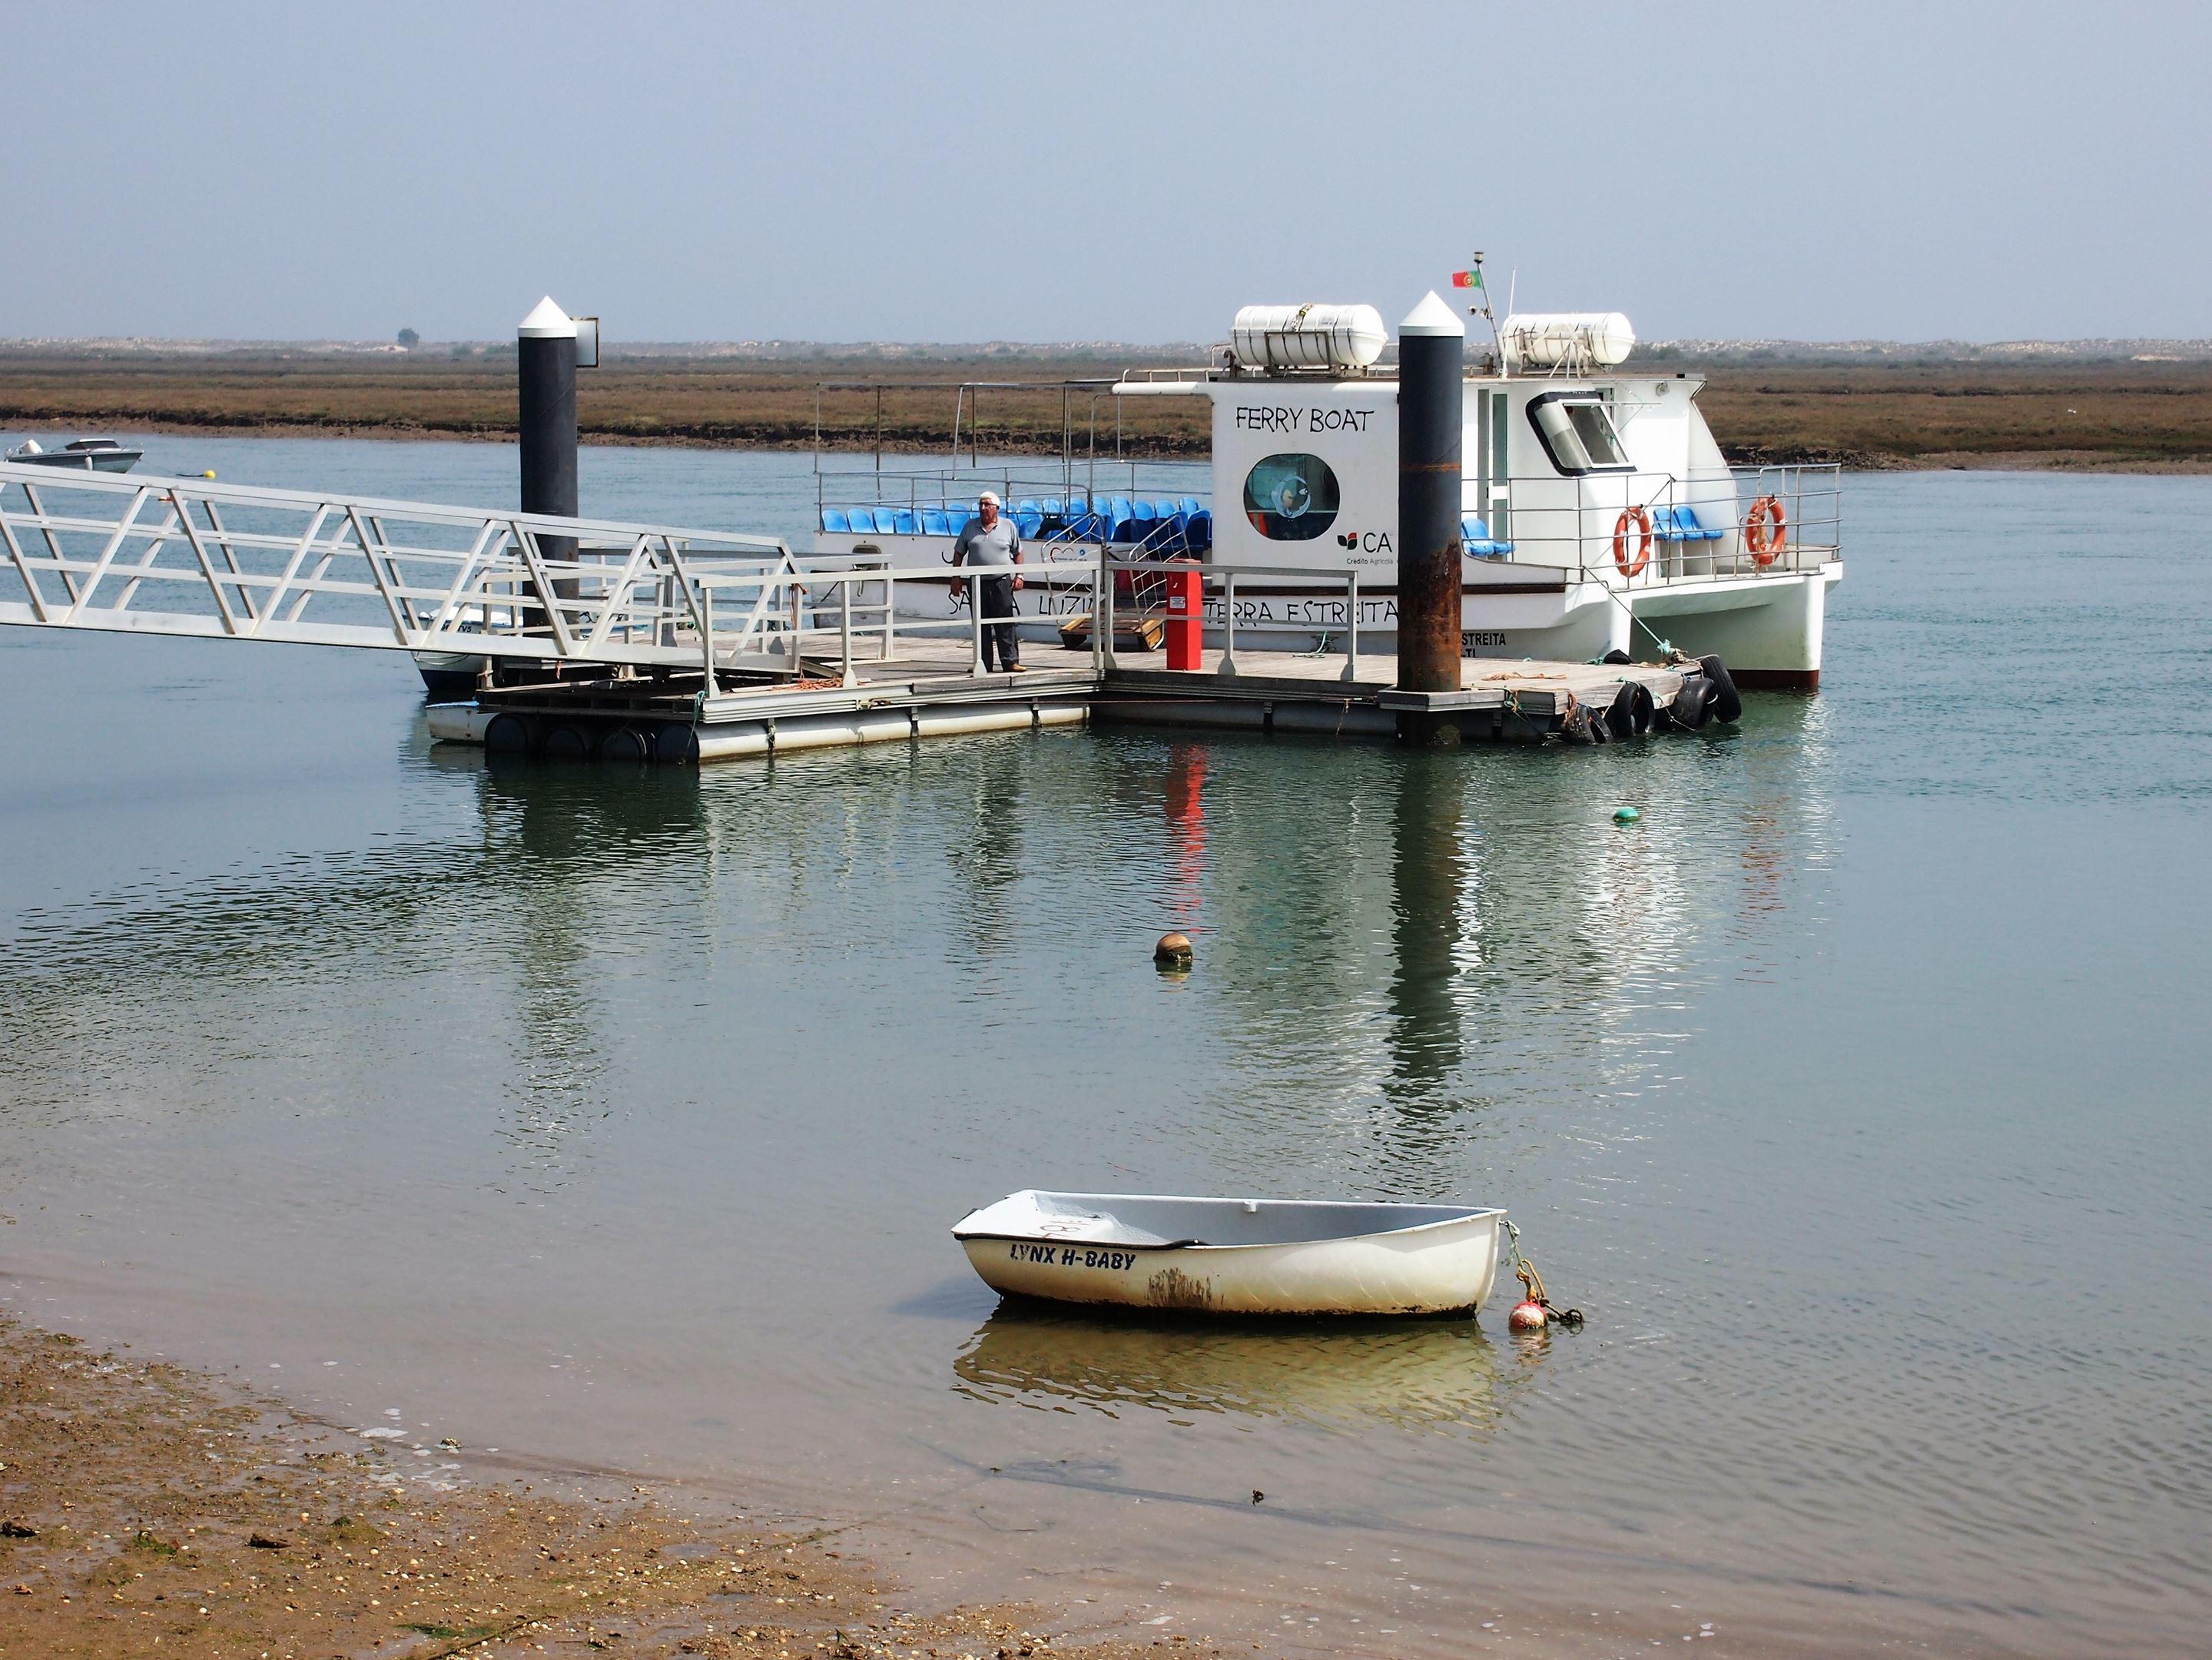 The small jetty at Santa Luzia. Ferry to Ilha de Tavira to visit Praia da Terra Estreita